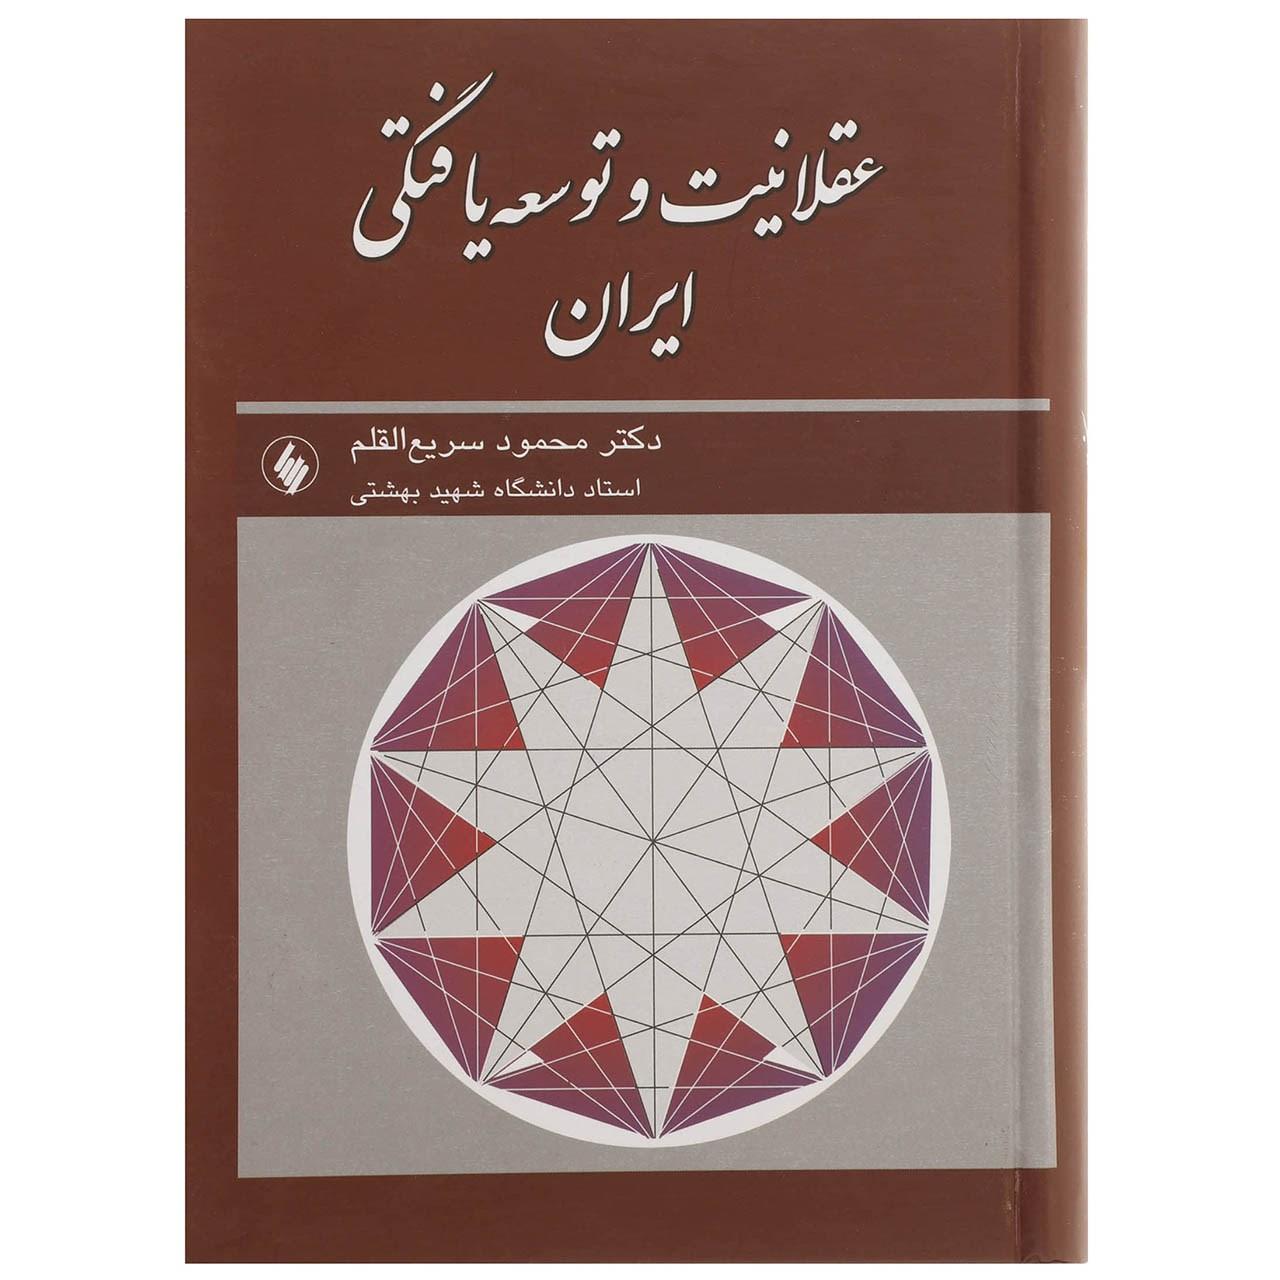 کتاب عقلانیت و توسعه یافتگی ایران اثر محمود سریع القلم